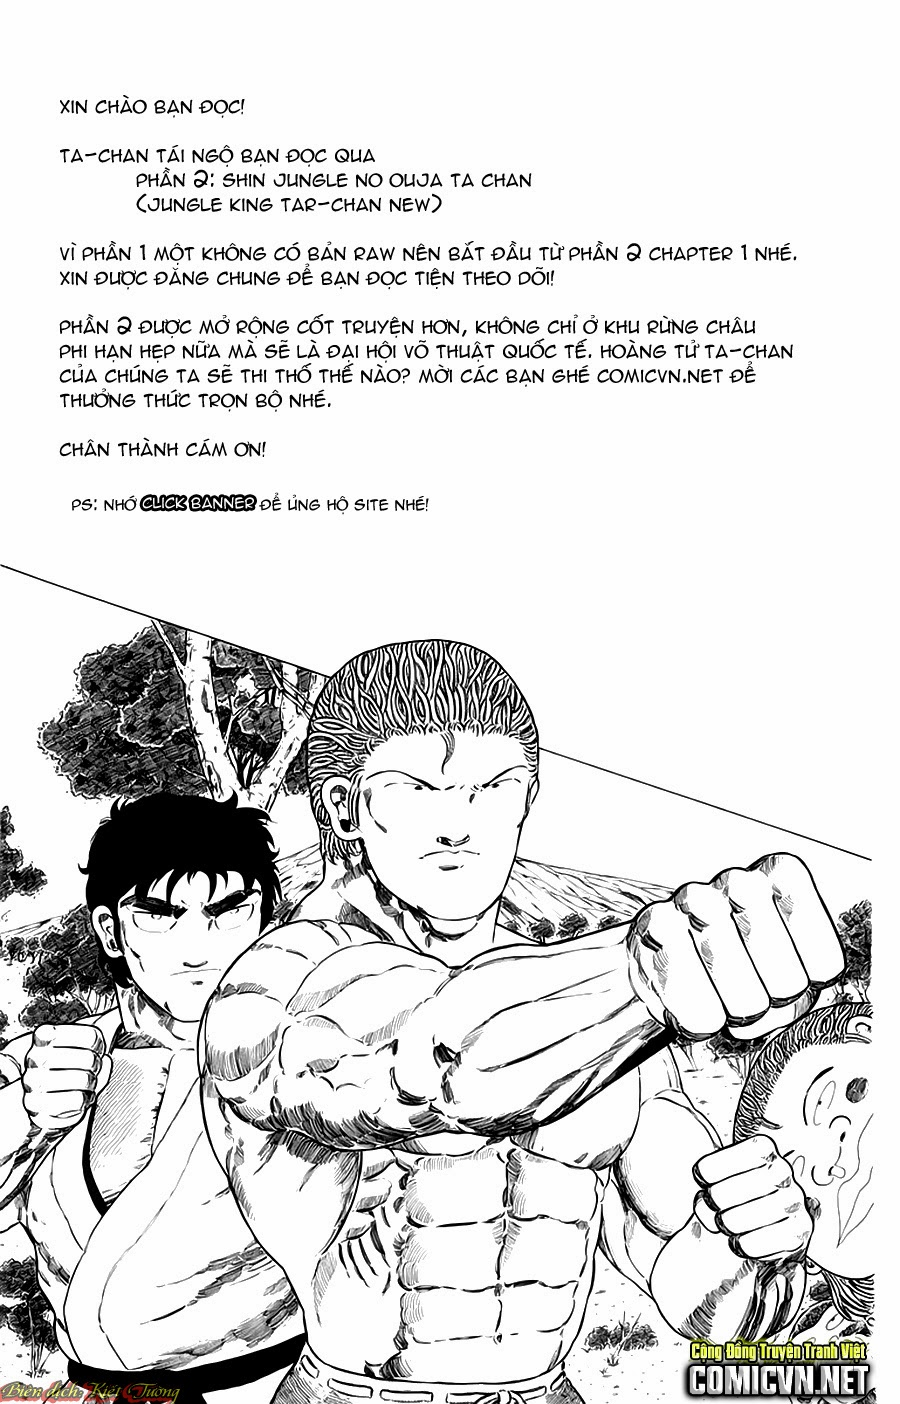 Chúa rừng Ta-chan chapter 113 (new - phần 2 chapter 1) trang 3